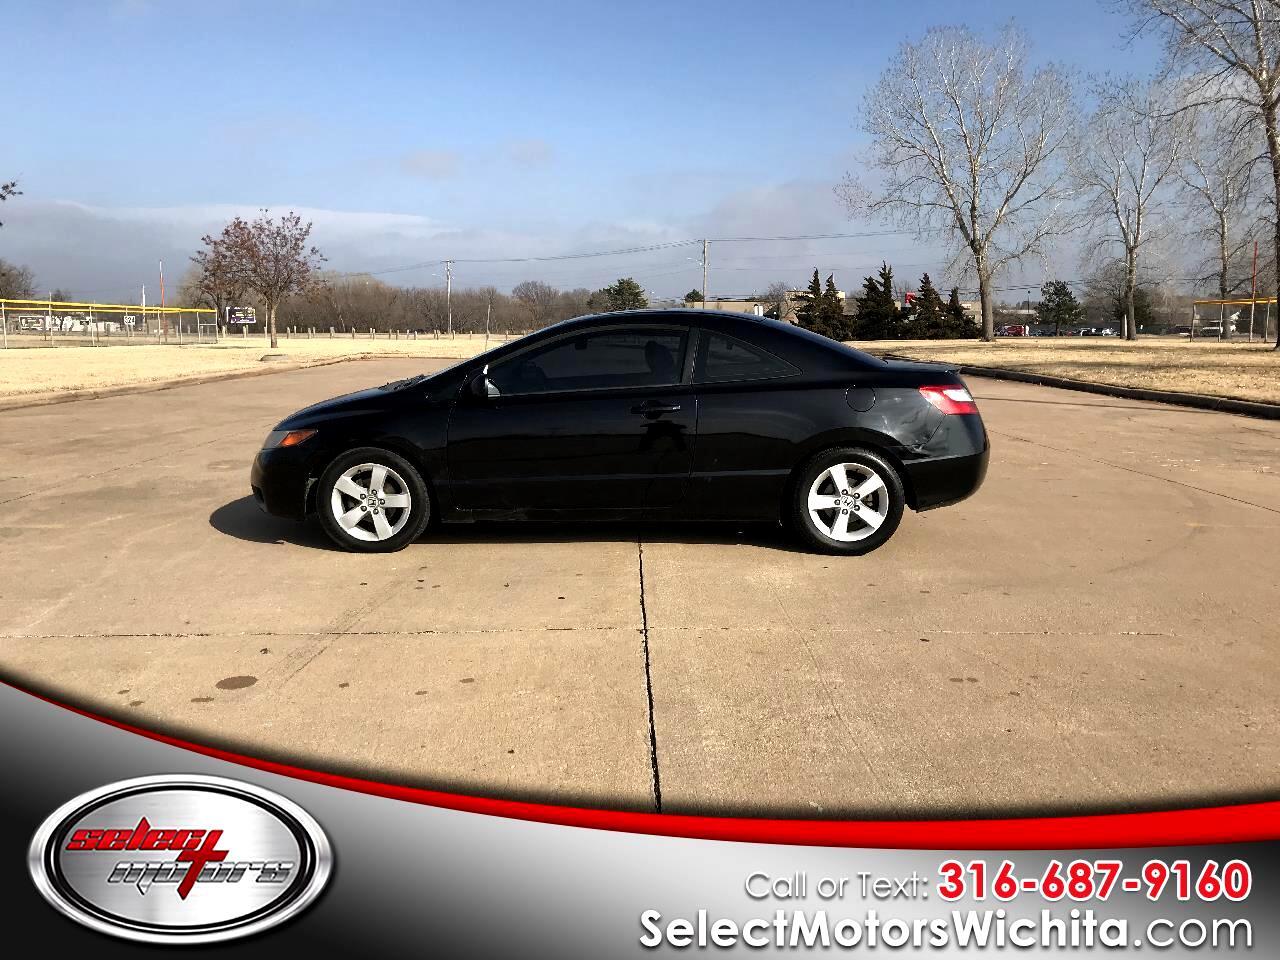 2007 Honda Civic Cpe 2dr MT EX